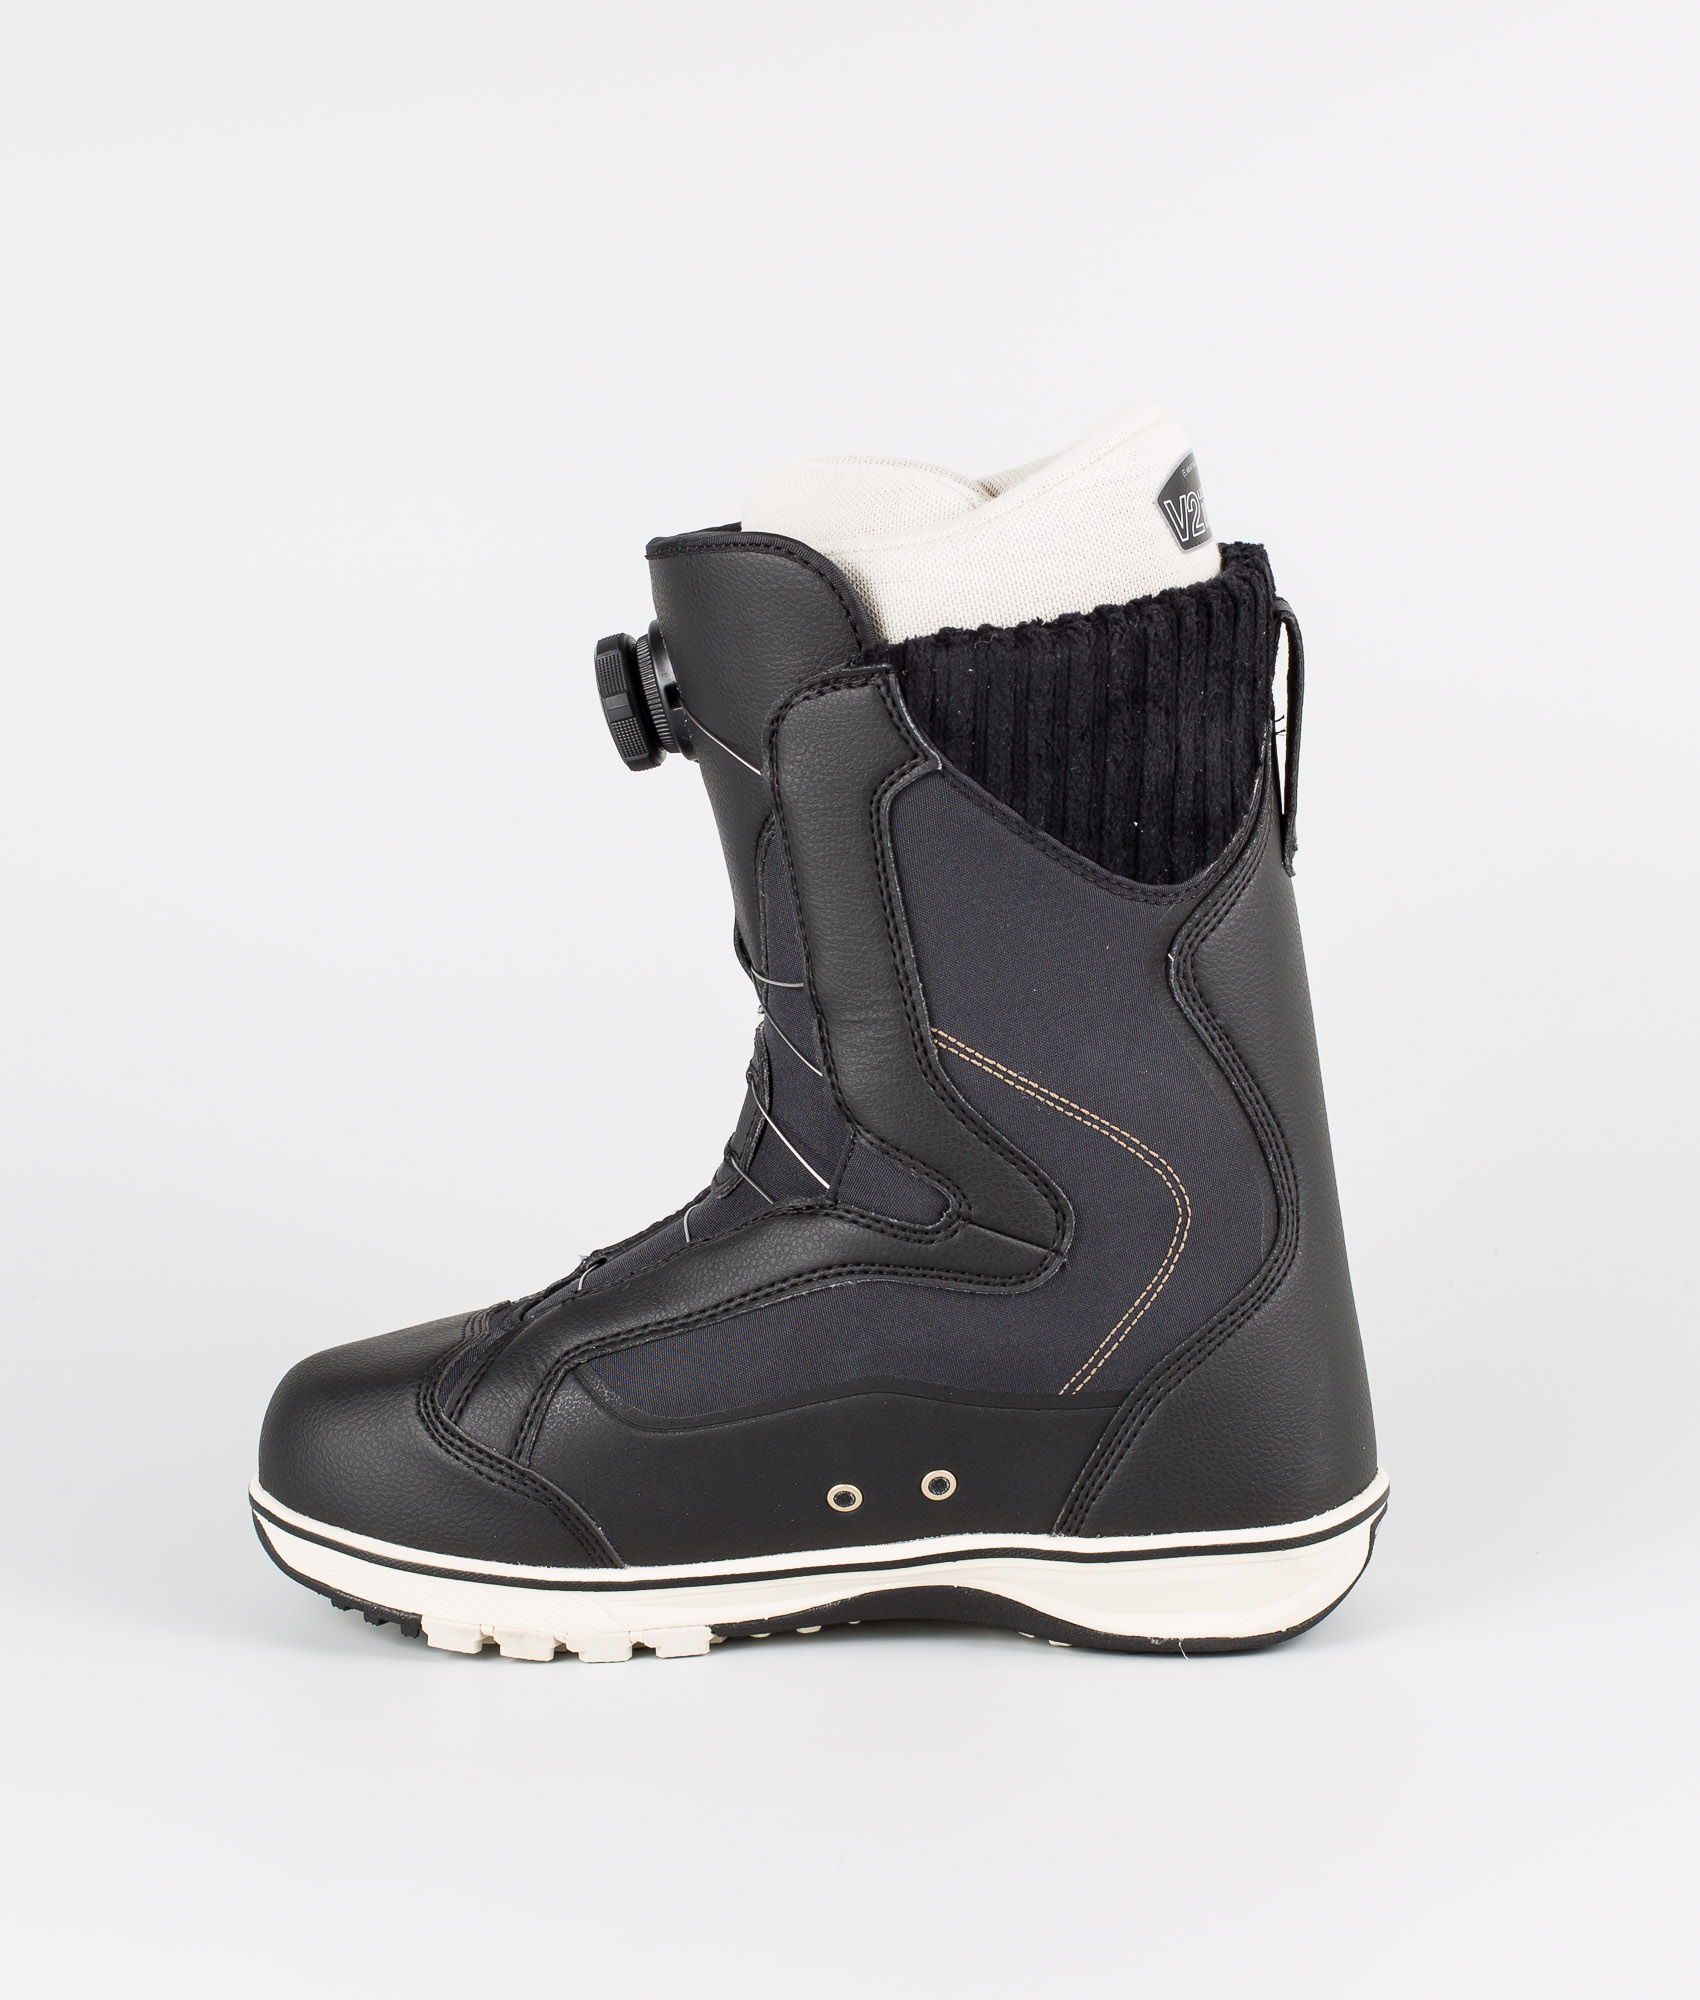 Vans Encore OG Boa Snowboard Boot Women's